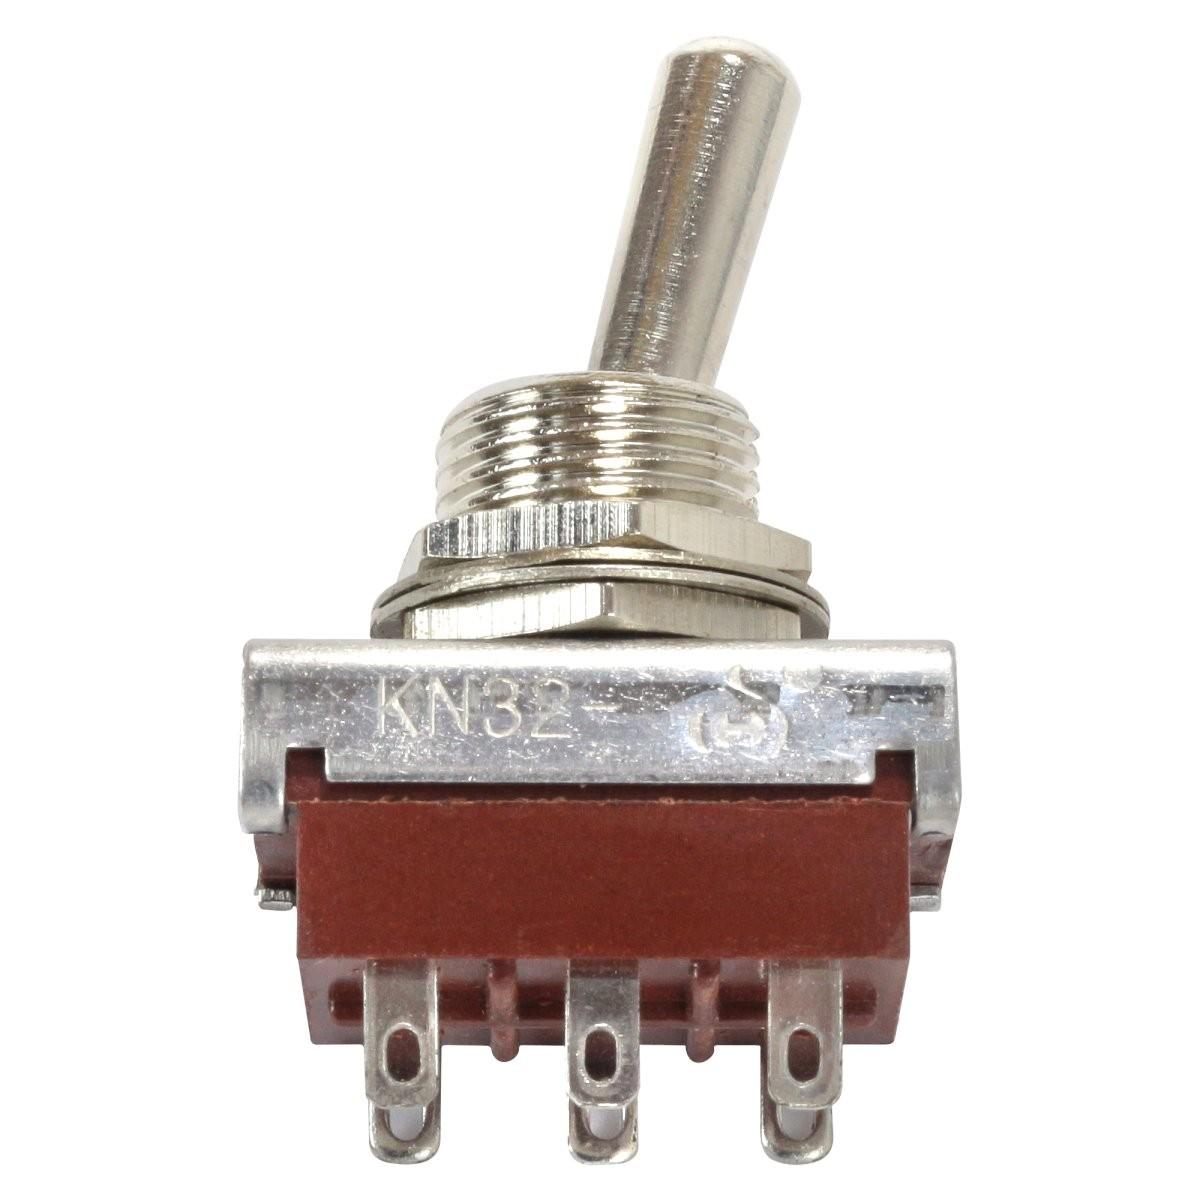 Interrupteur à Bascule 2 Pôles 2 Positions ON-ON 250V 5A